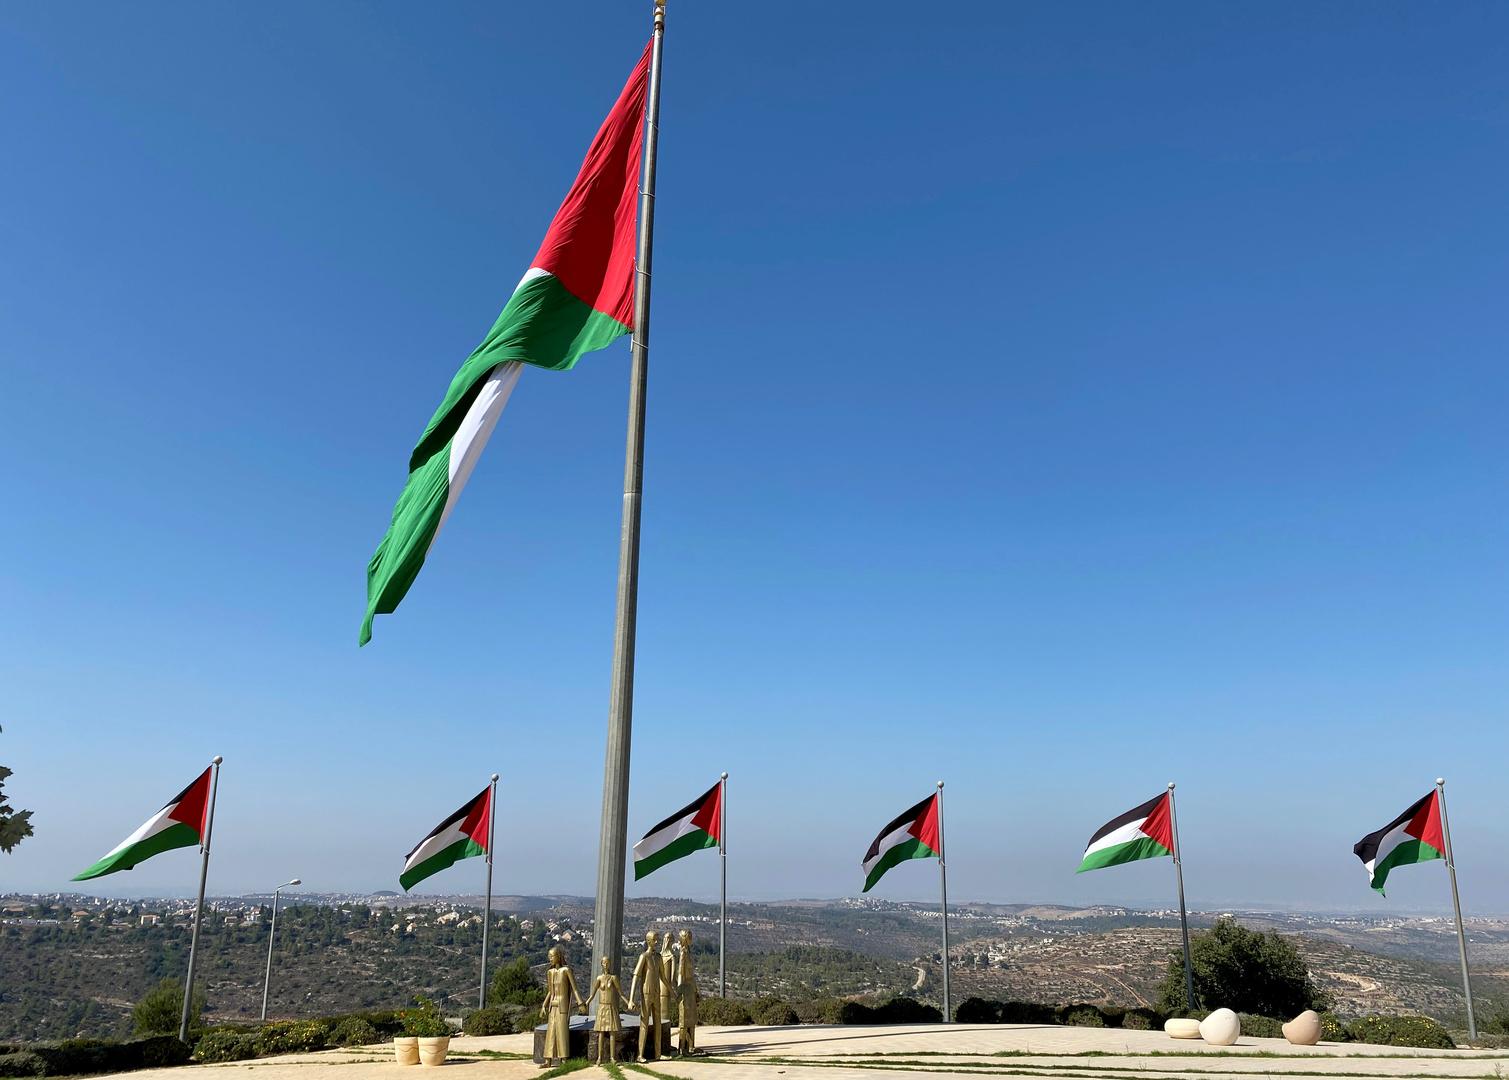 الفصائل الفلسطينية من القاهرة: ملتزمون بالجدول الزمني لإجراء الانتخابات بموعدها وقبول نتائجها